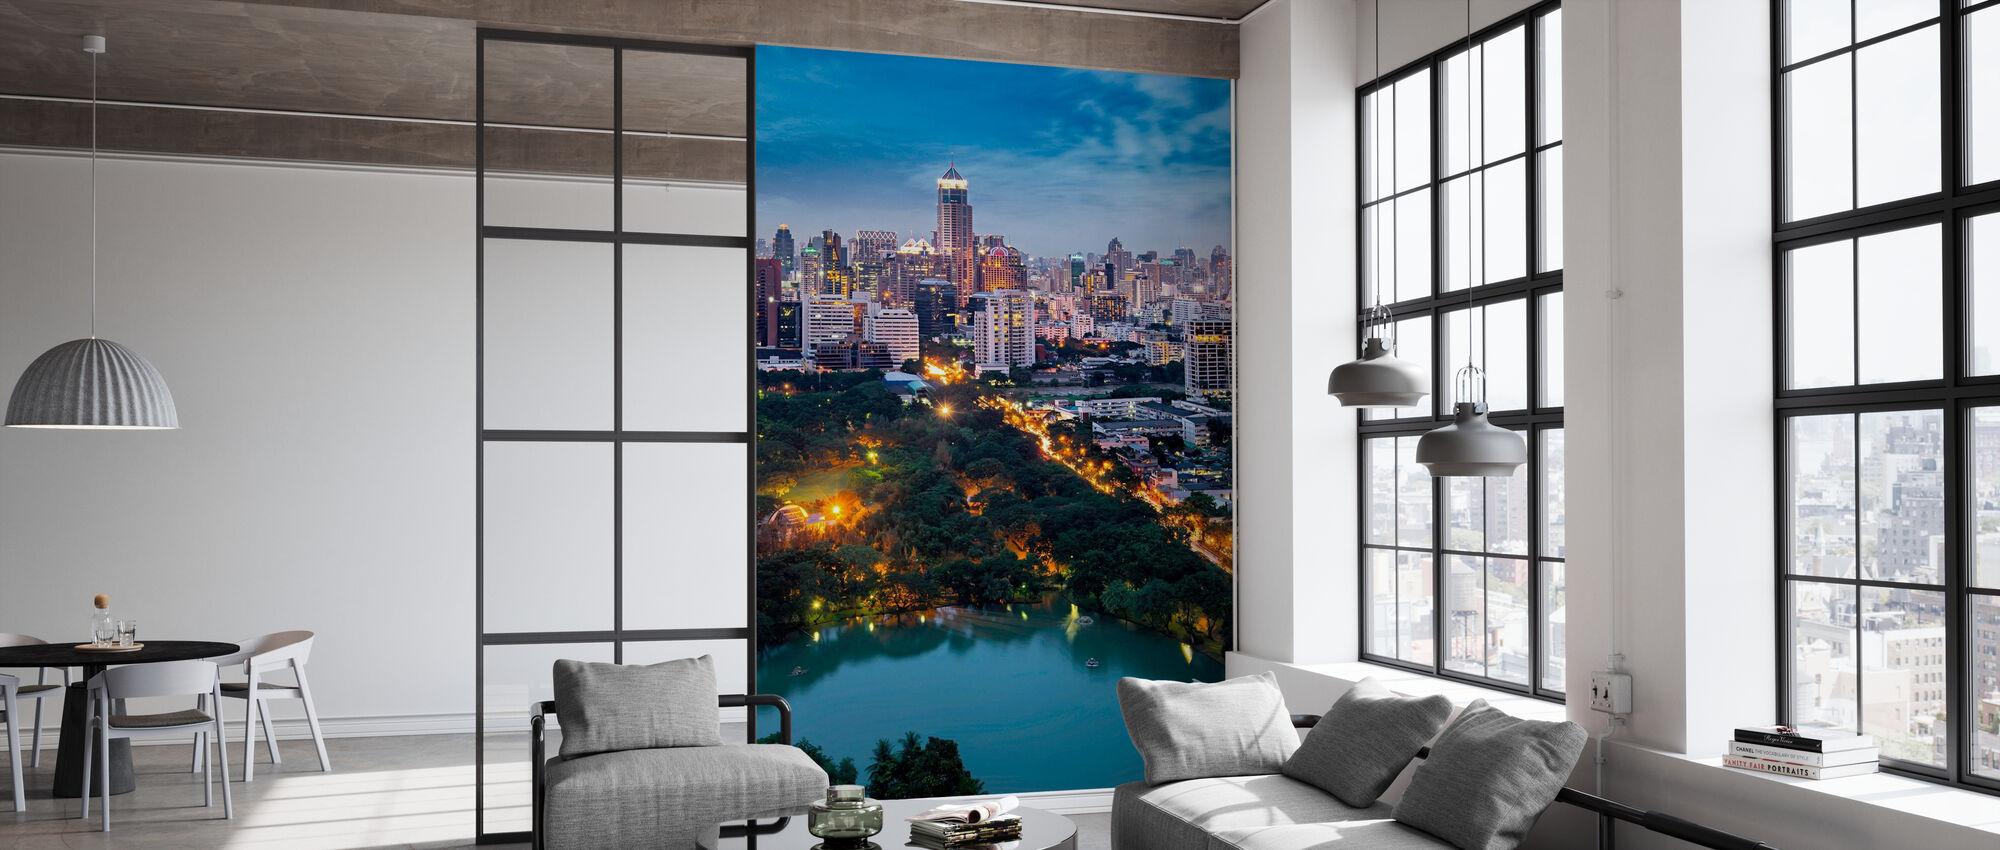 Road to Bangkok - Wallpaper - Office